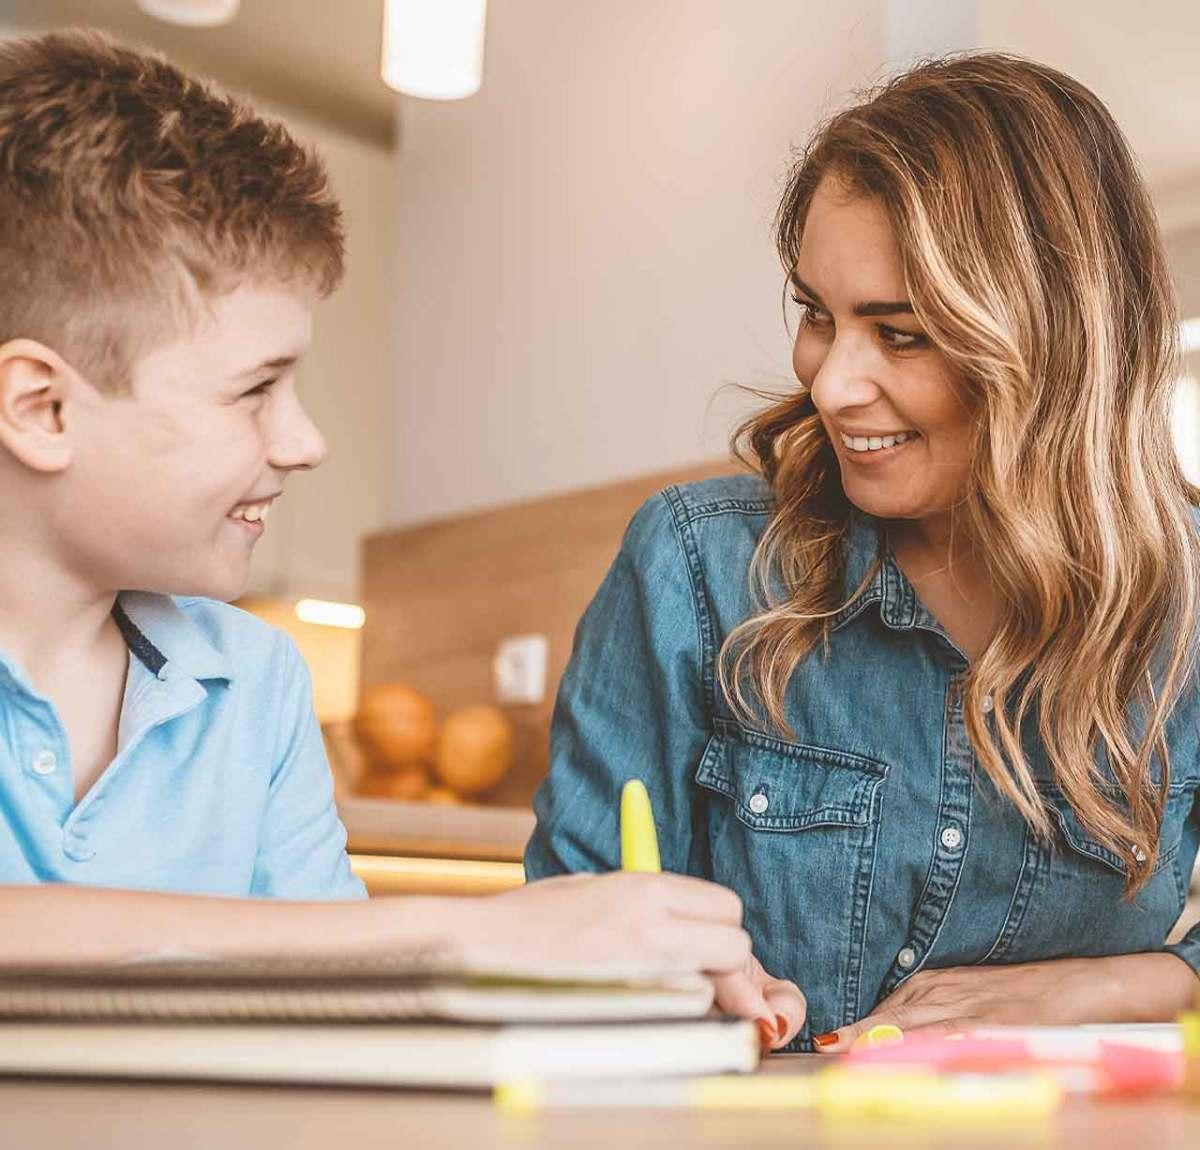 Elite Tutors Sussex Ltd - Private Academic Primary Education Tuition in & Around Brighton